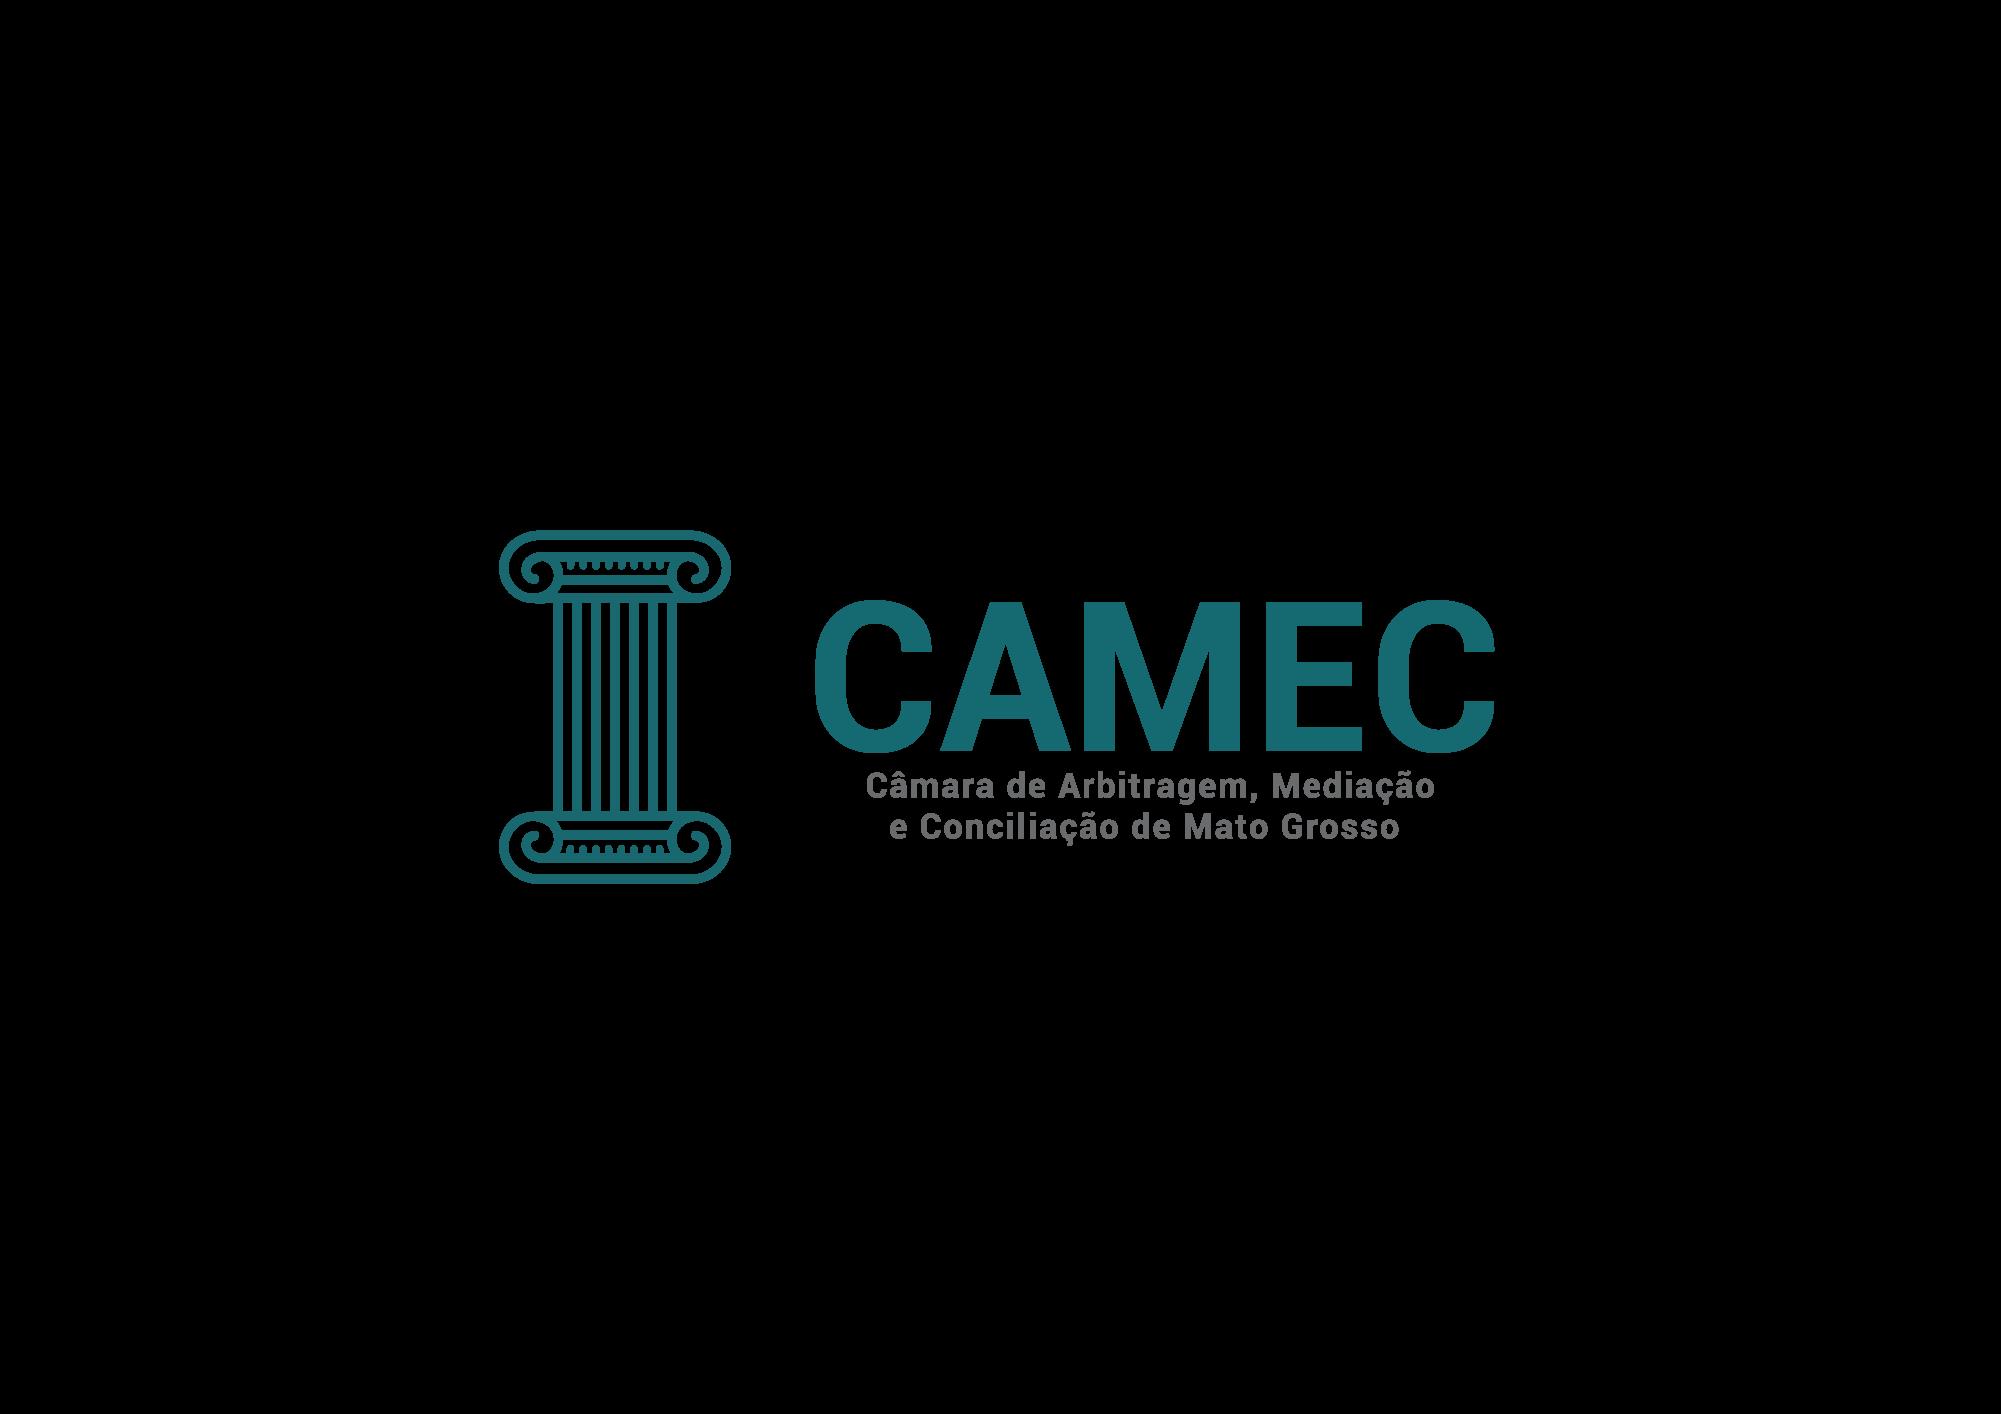 160920_LOGO_CAMEC